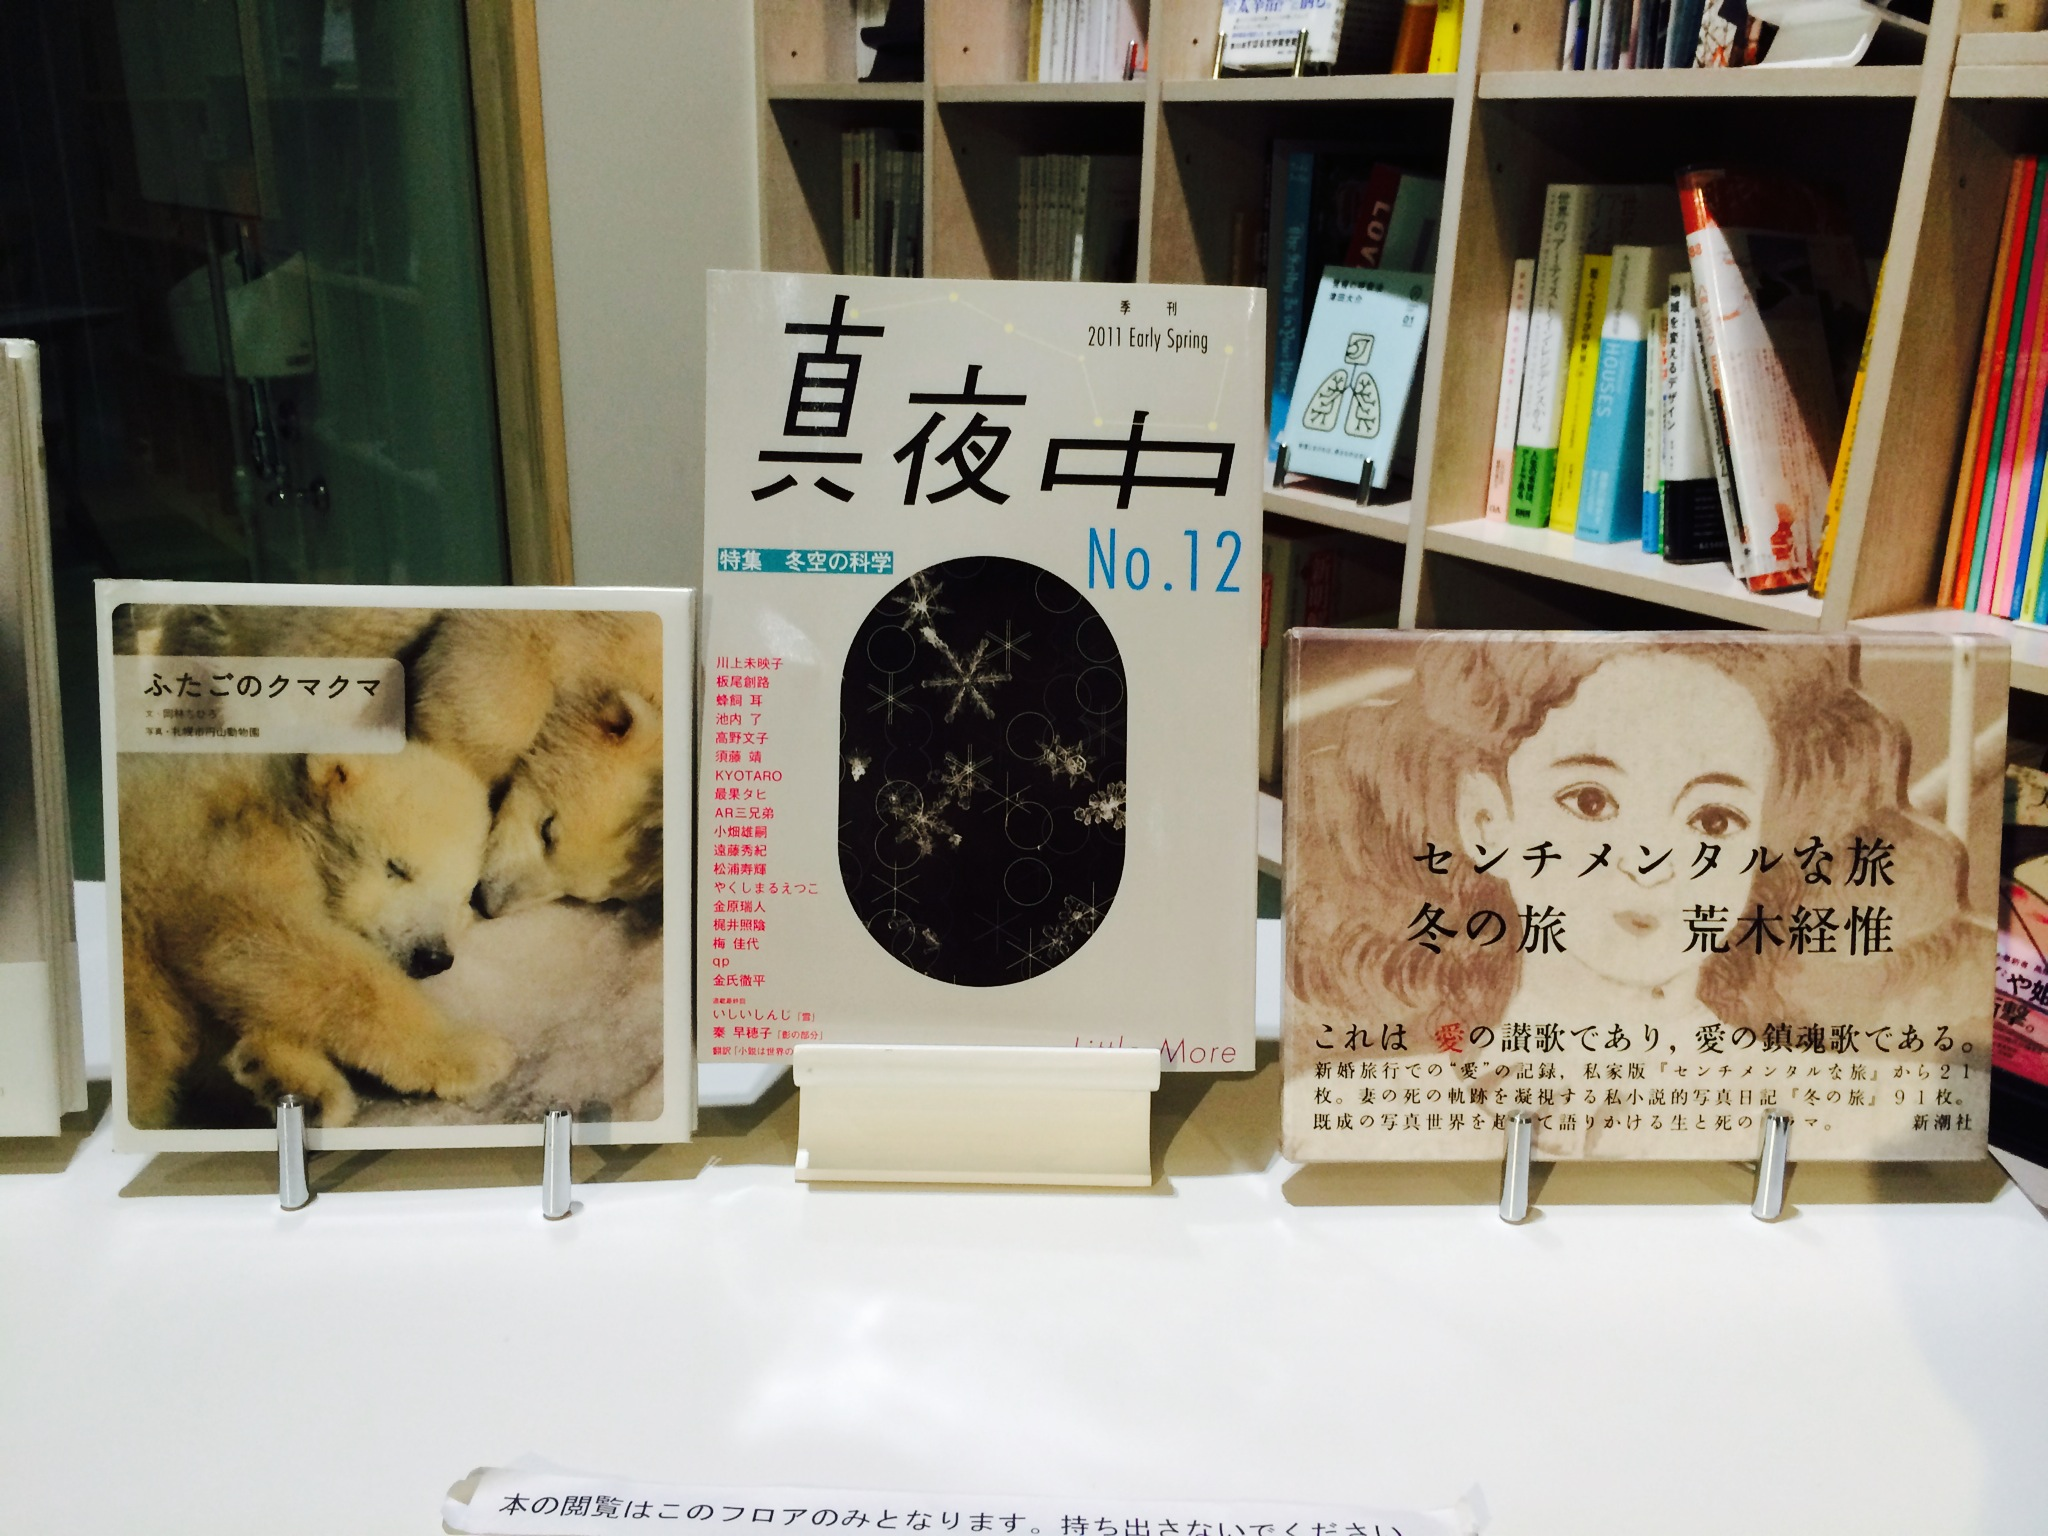 http://hacchi.jp/blog/upload/images/20140108-4.JPG